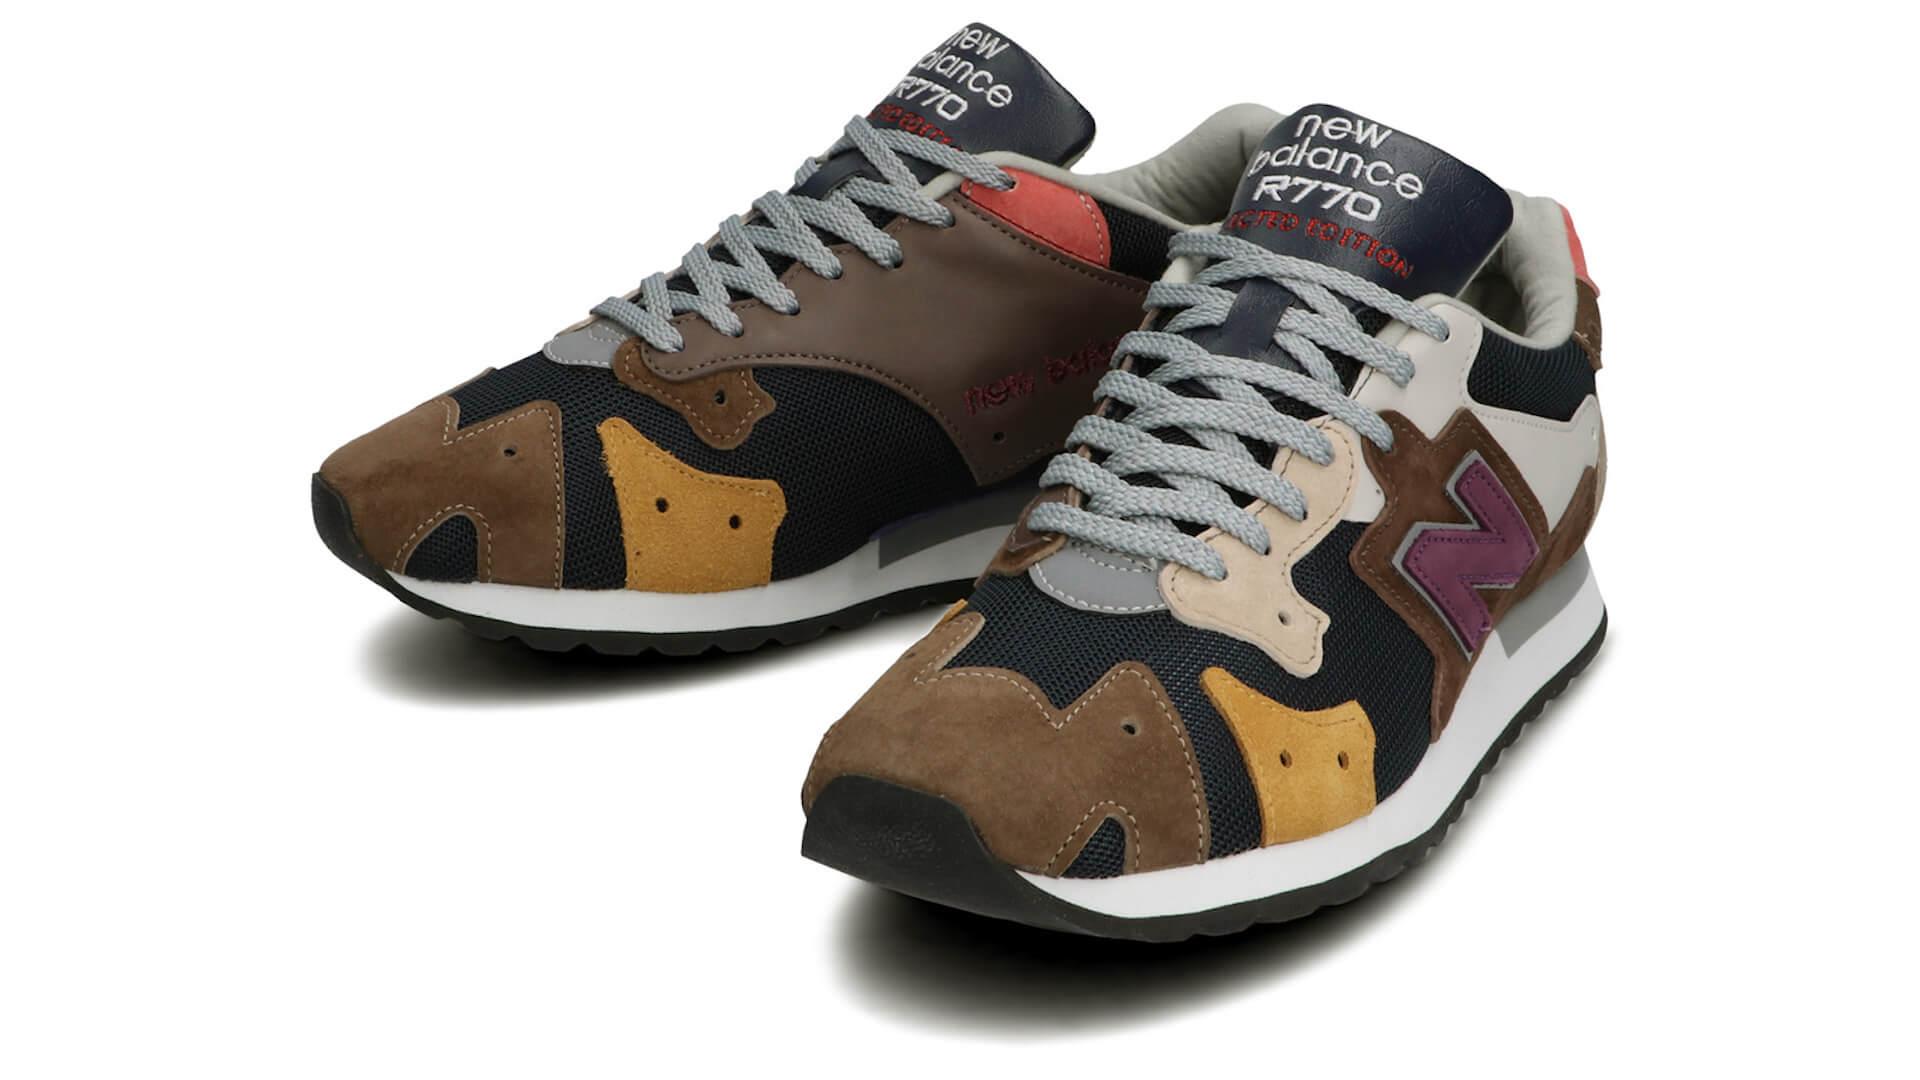 ニューバランスフラッグシップストアにMade in U.K.限定モデルが登場!「770」「670」「1591」「991.5」の4モデル life210507_newbalance_shoes_3